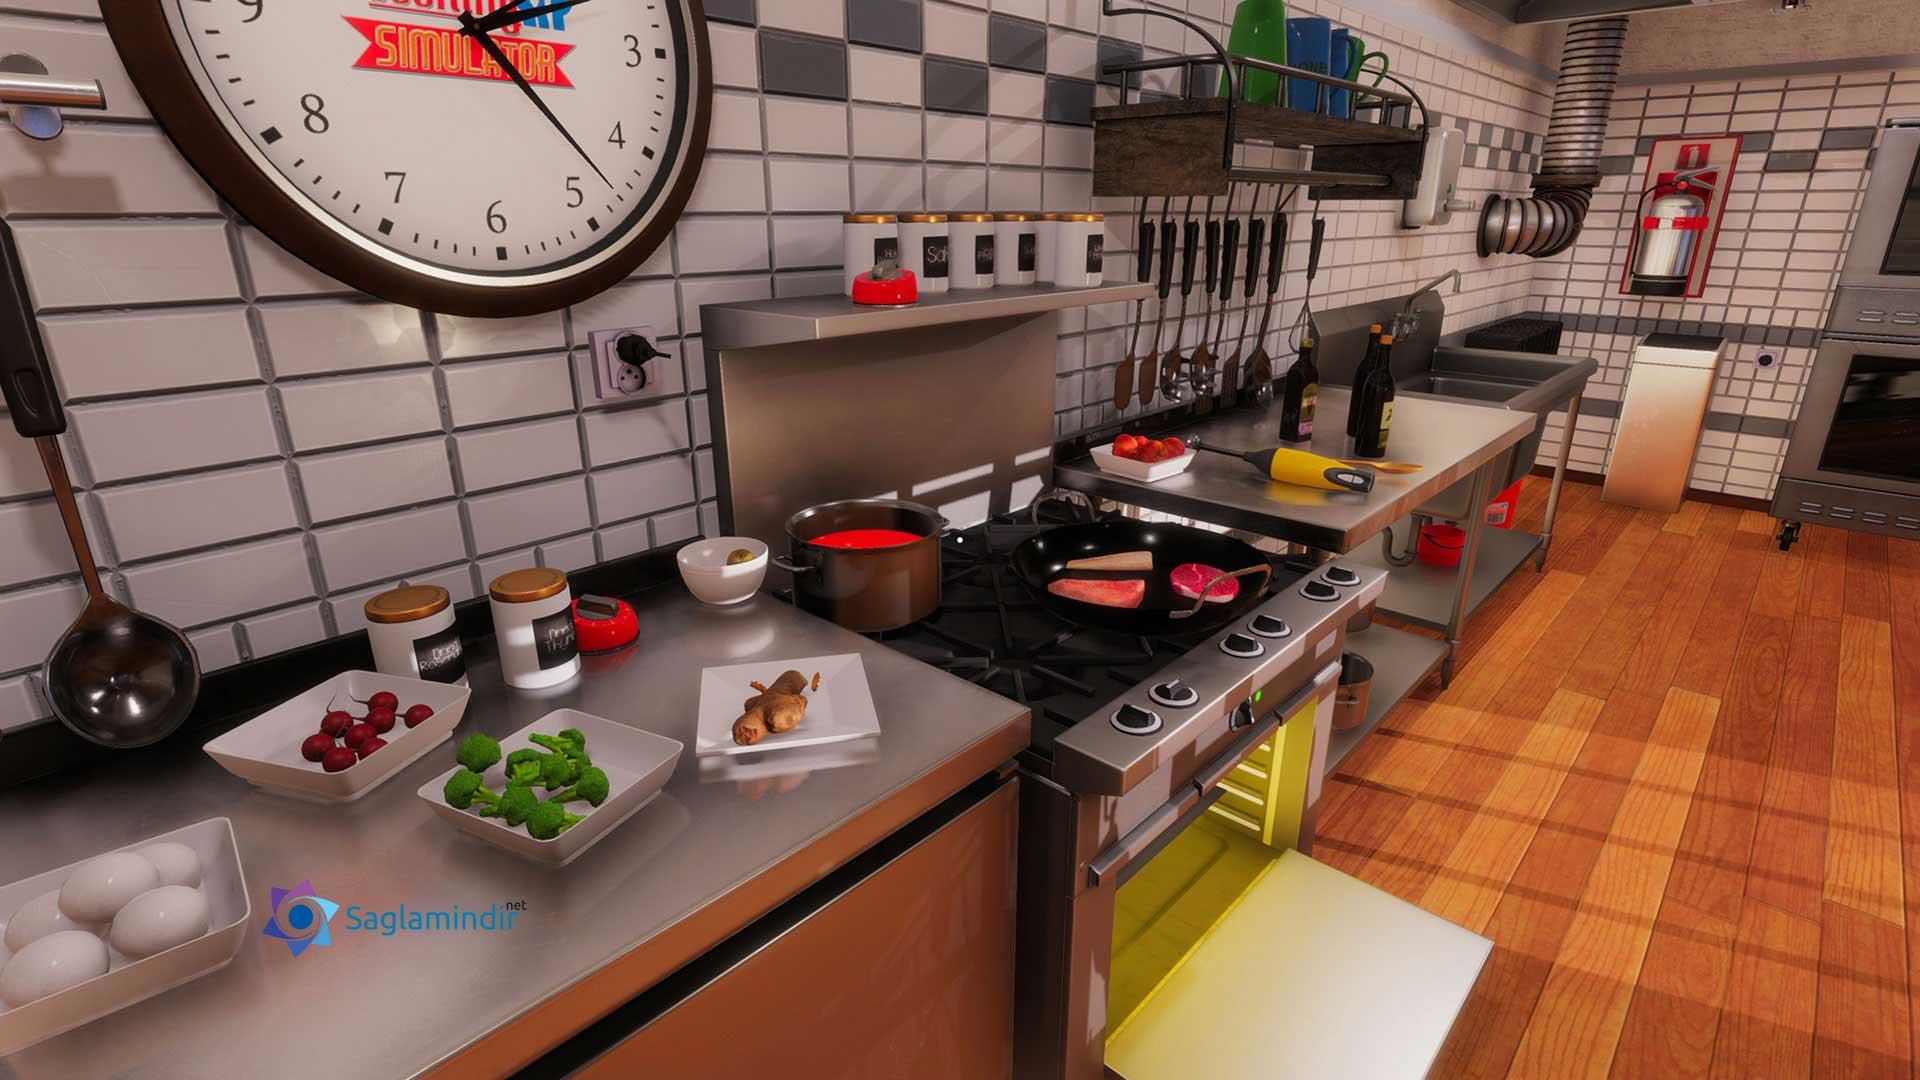 cooking simulator saglamindir